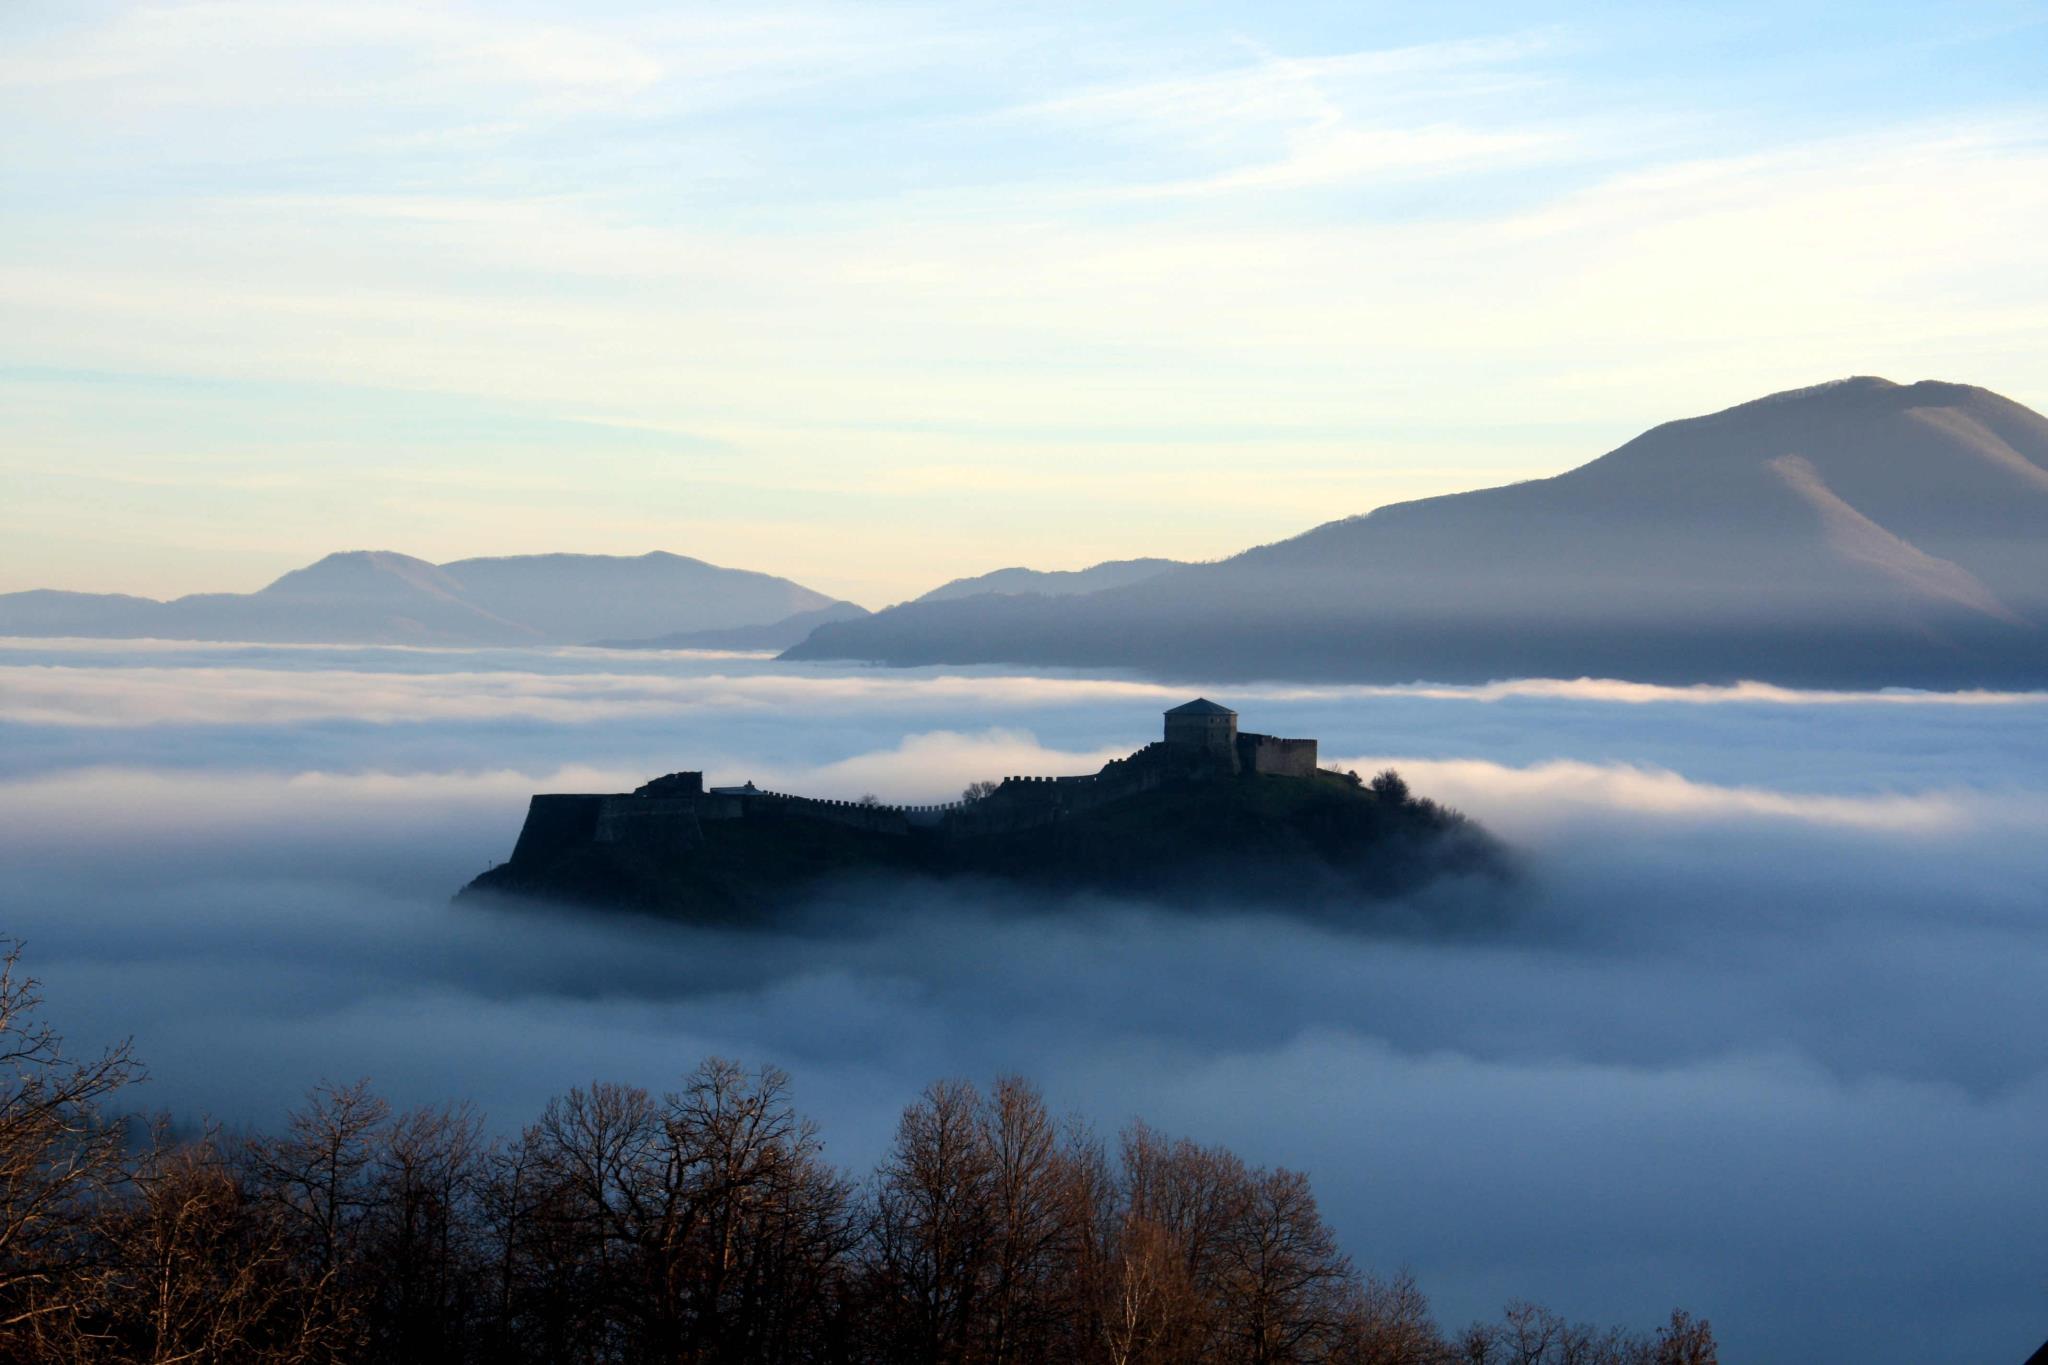 San Romano in Garfagnana - Vale il viaggio - Toscana Ovunque Bella